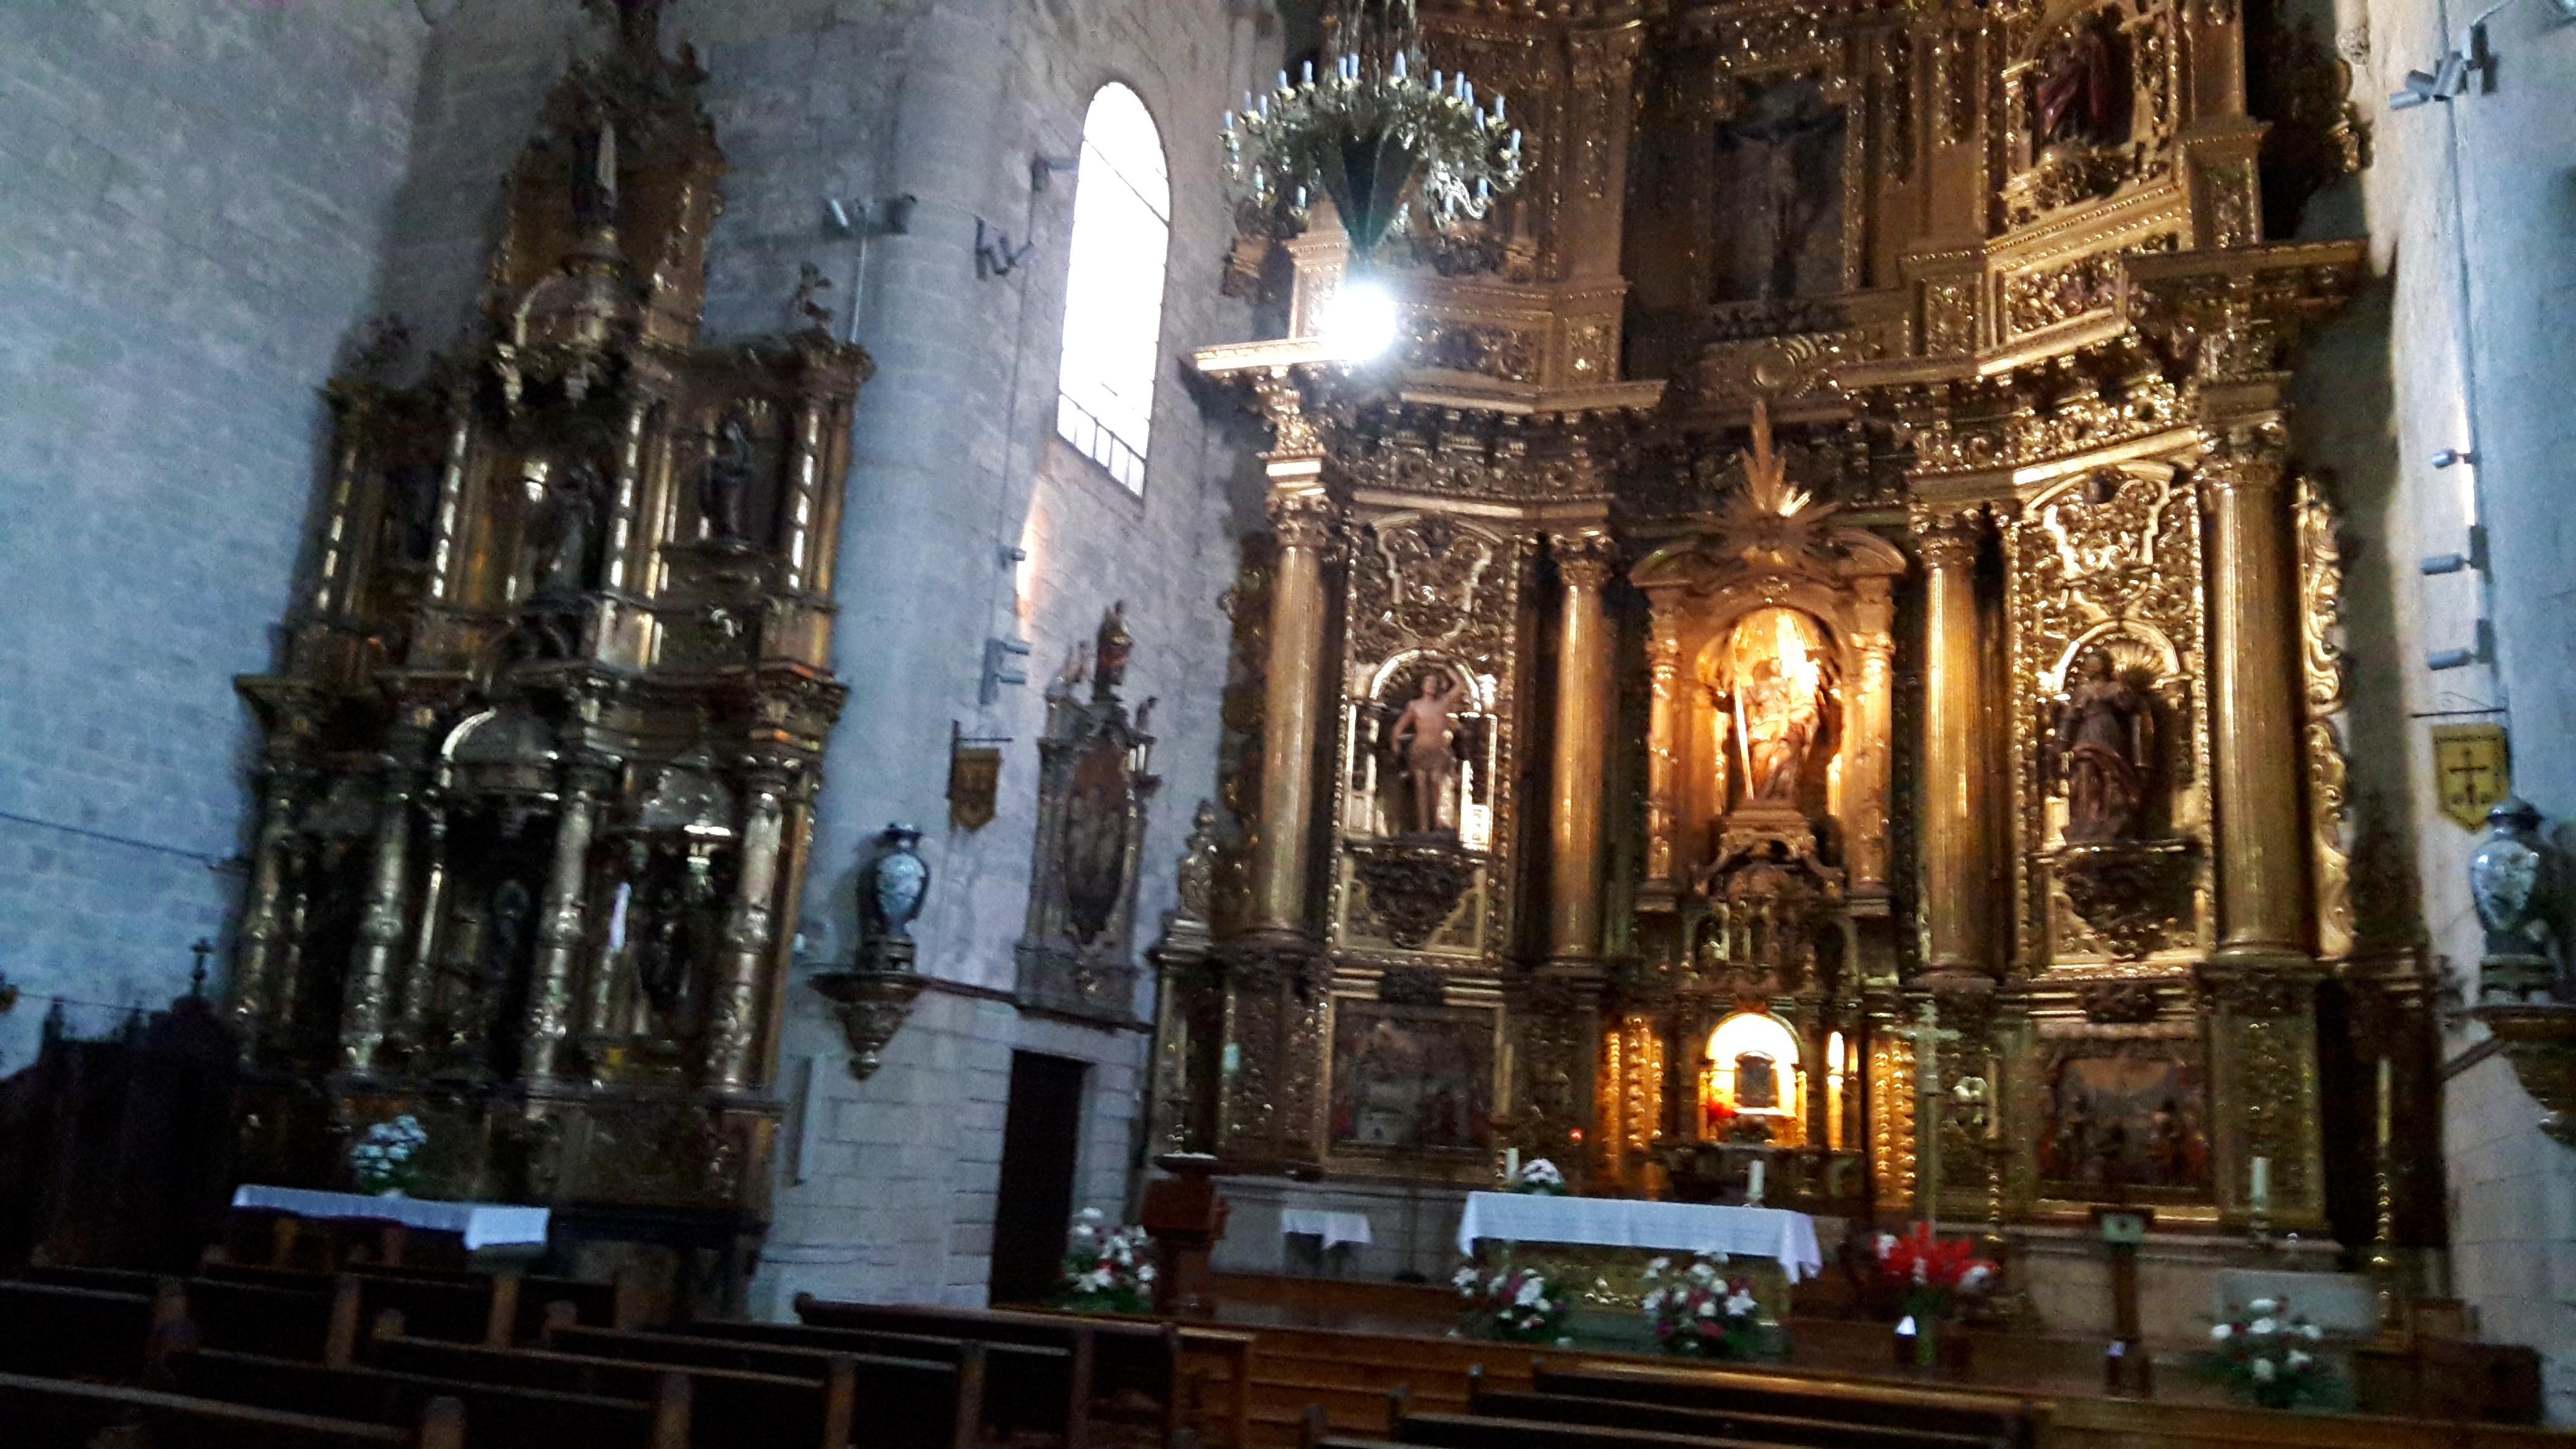 Puente la Reina templomának gyönyörű faragott oltára.